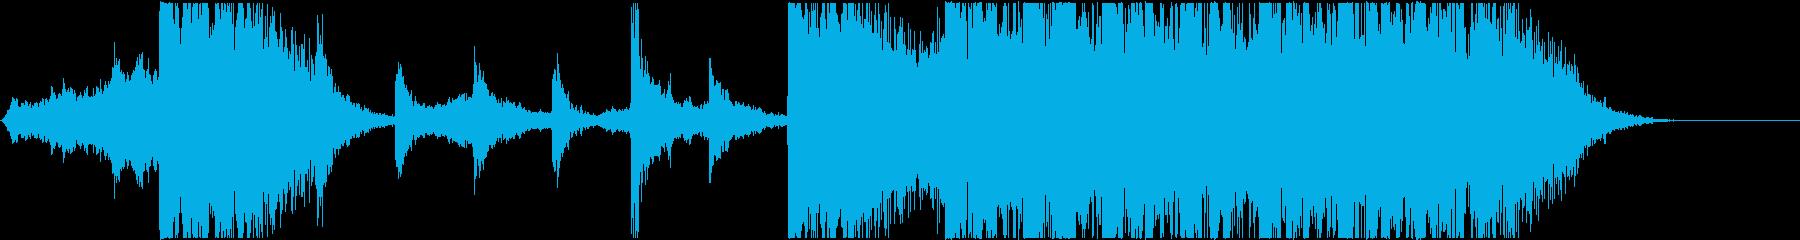 不思議系→打楽器♪予告編/トレーラーの再生済みの波形